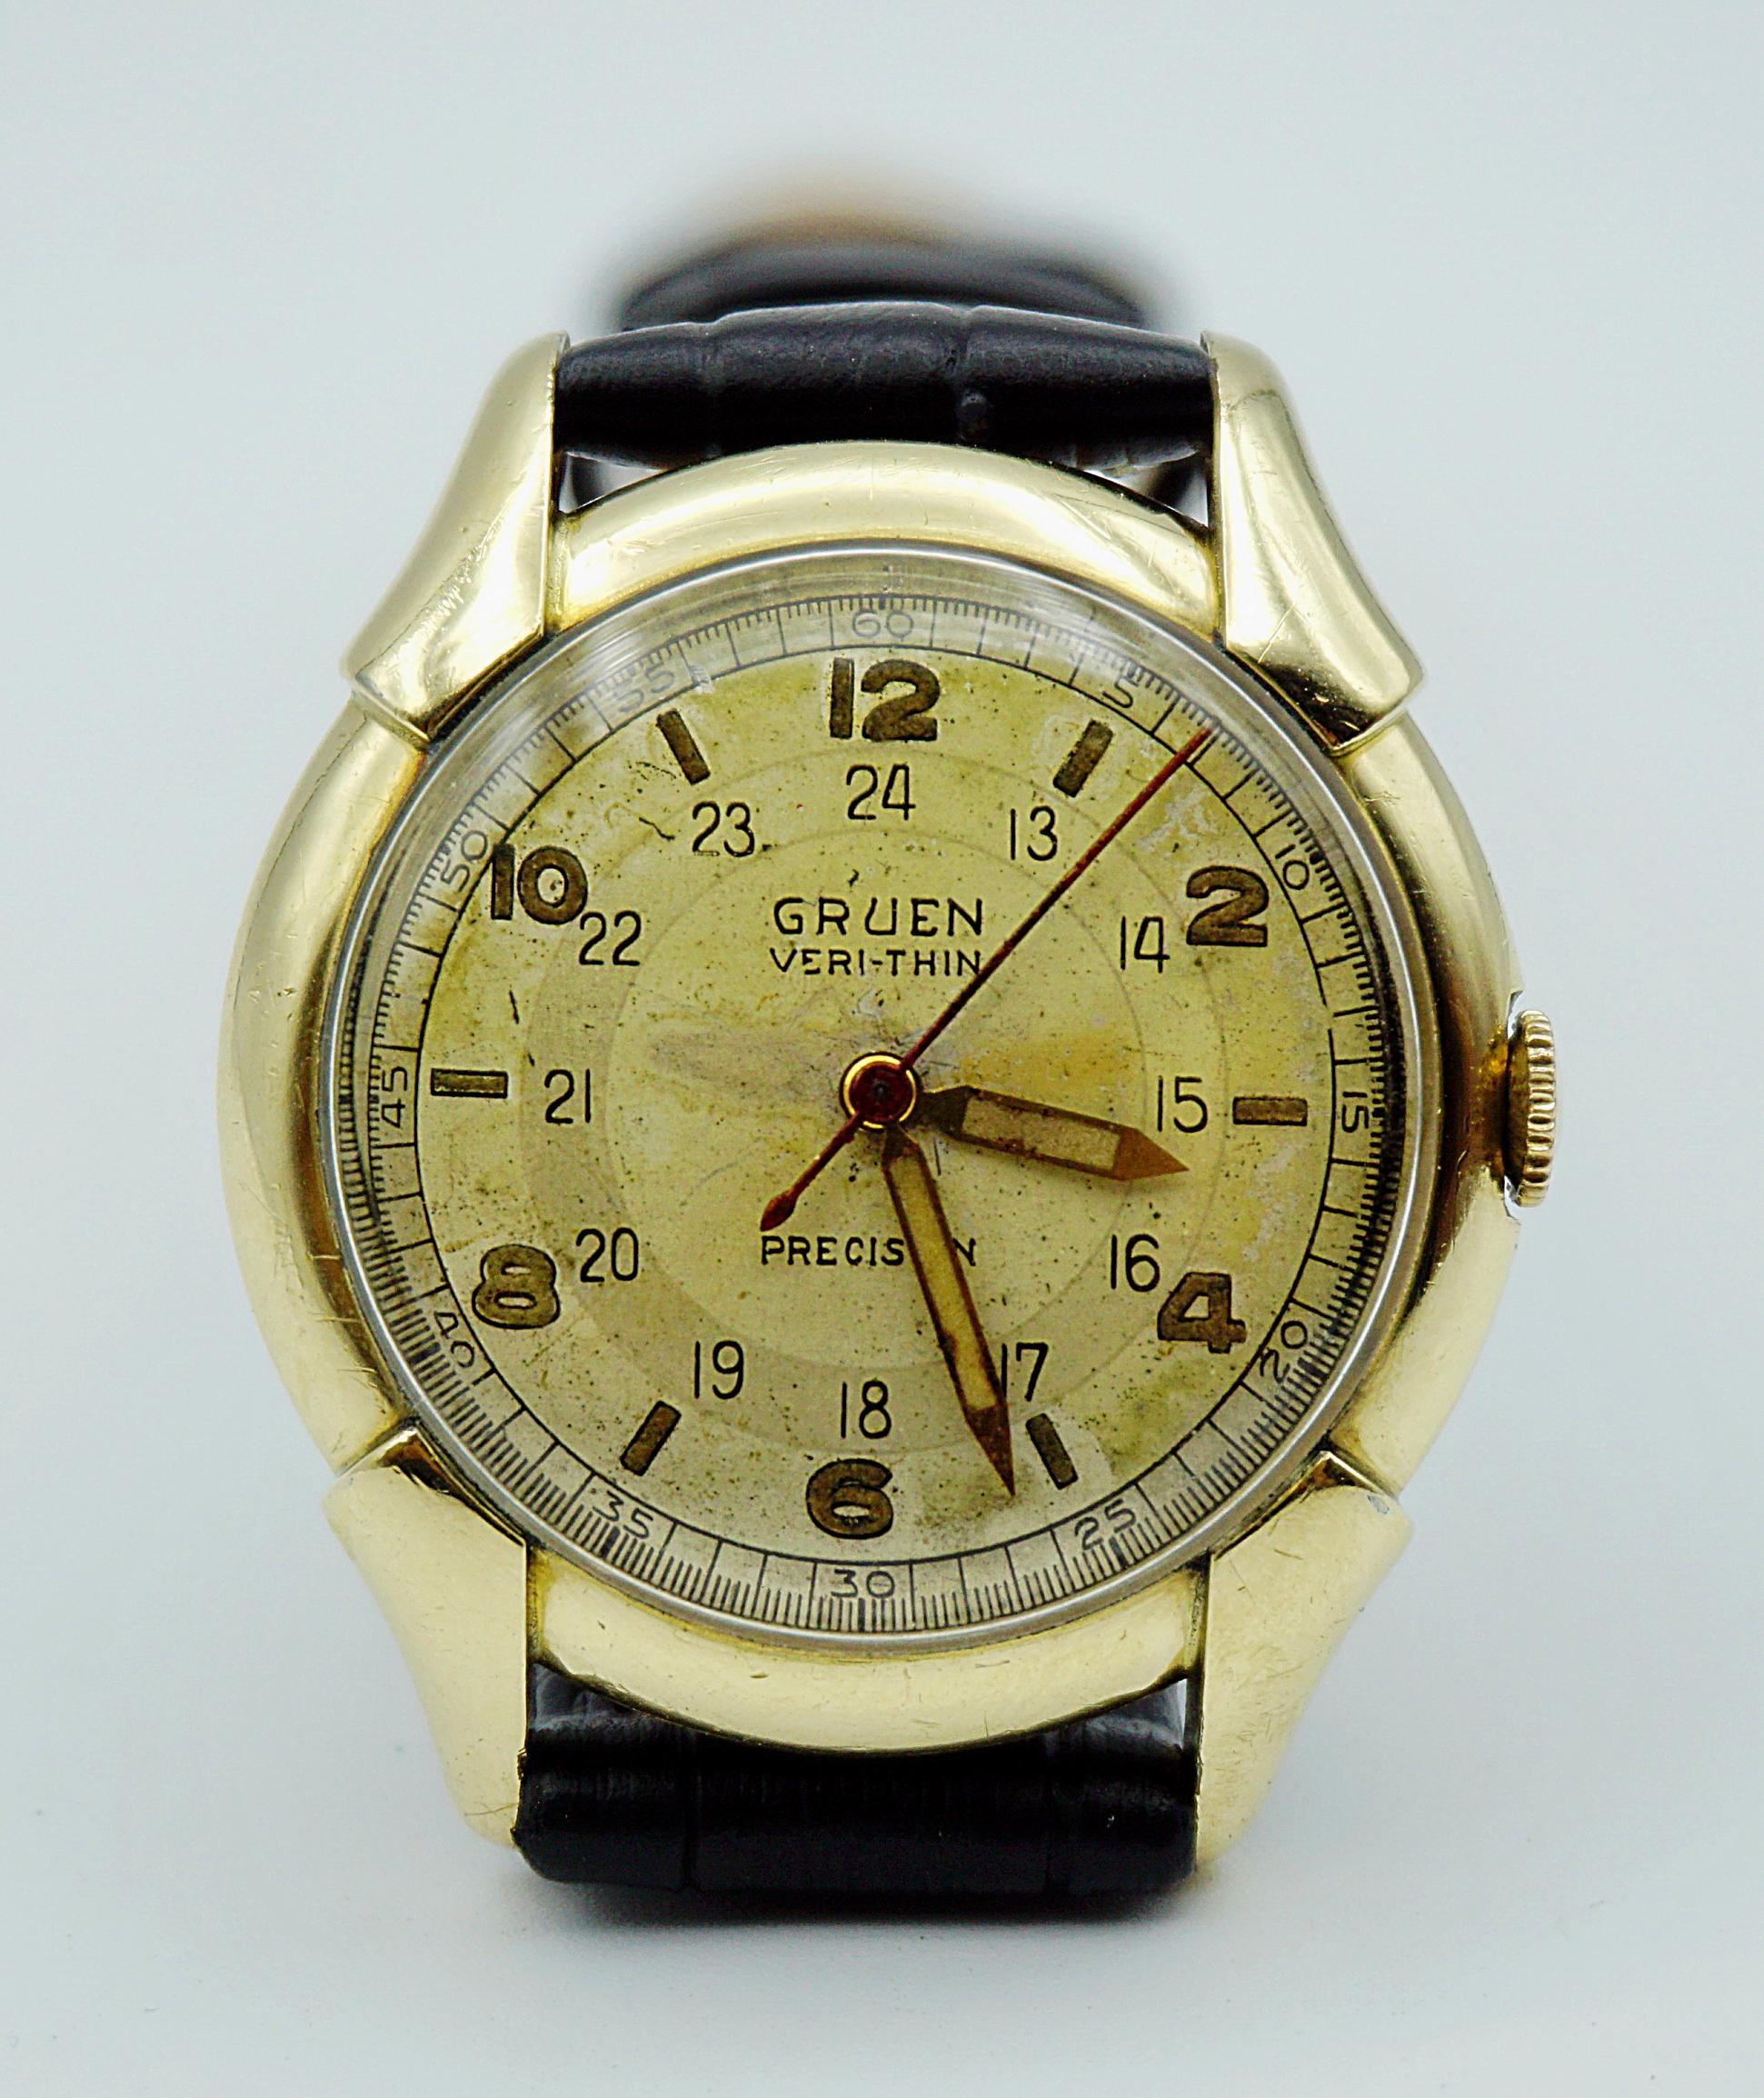 นาฬิกาเก่า GRUEN ไขลาน